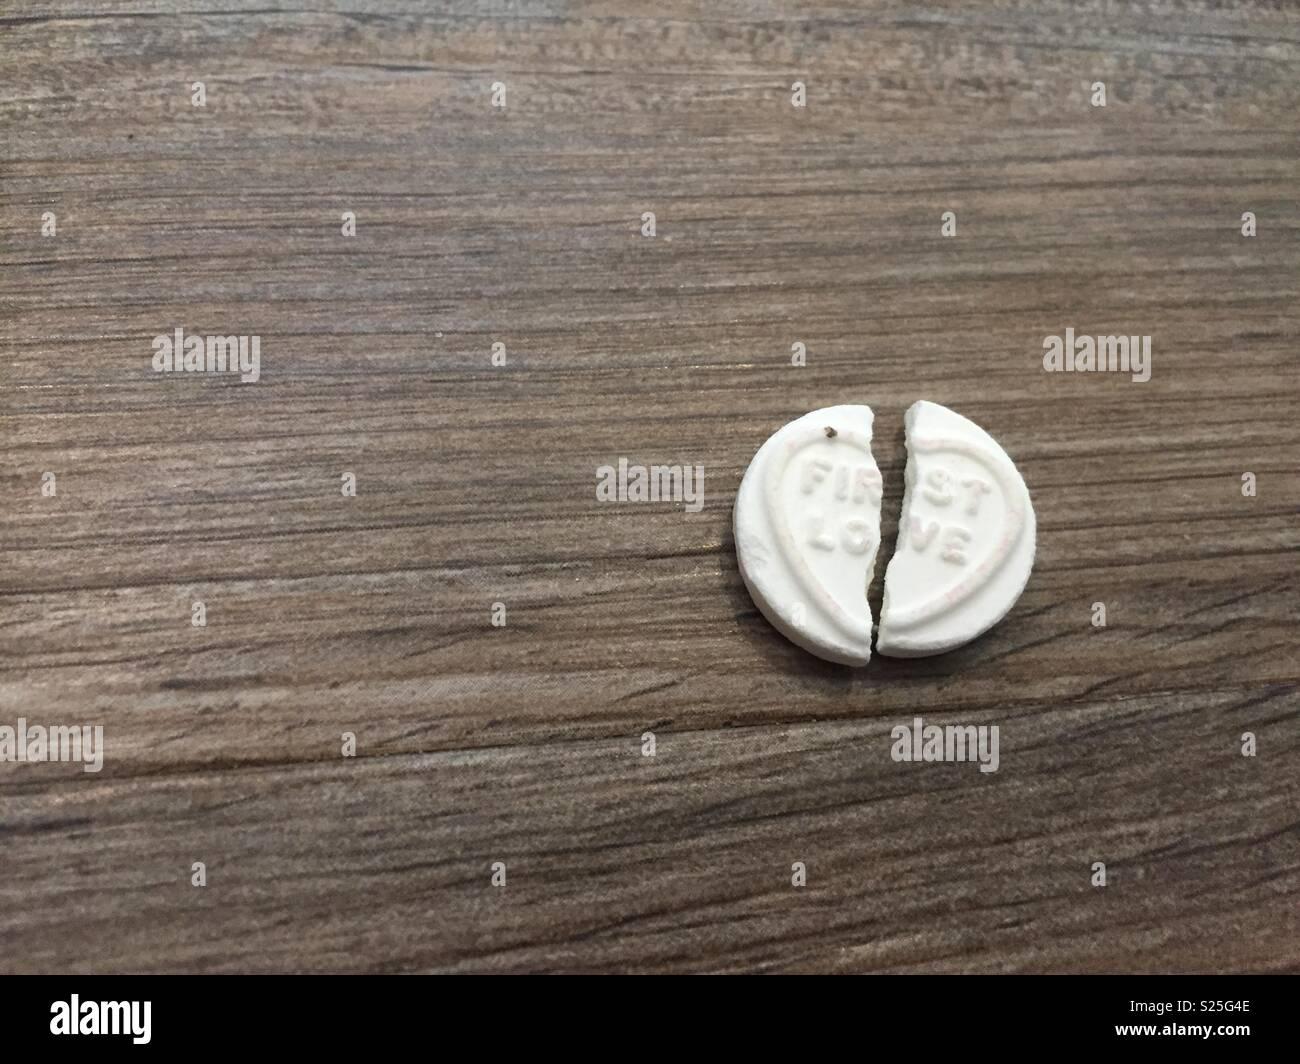 Relazione il concetto di breakdown (immagine di un amore Dolce cuore spezzato in due) Immagini Stock